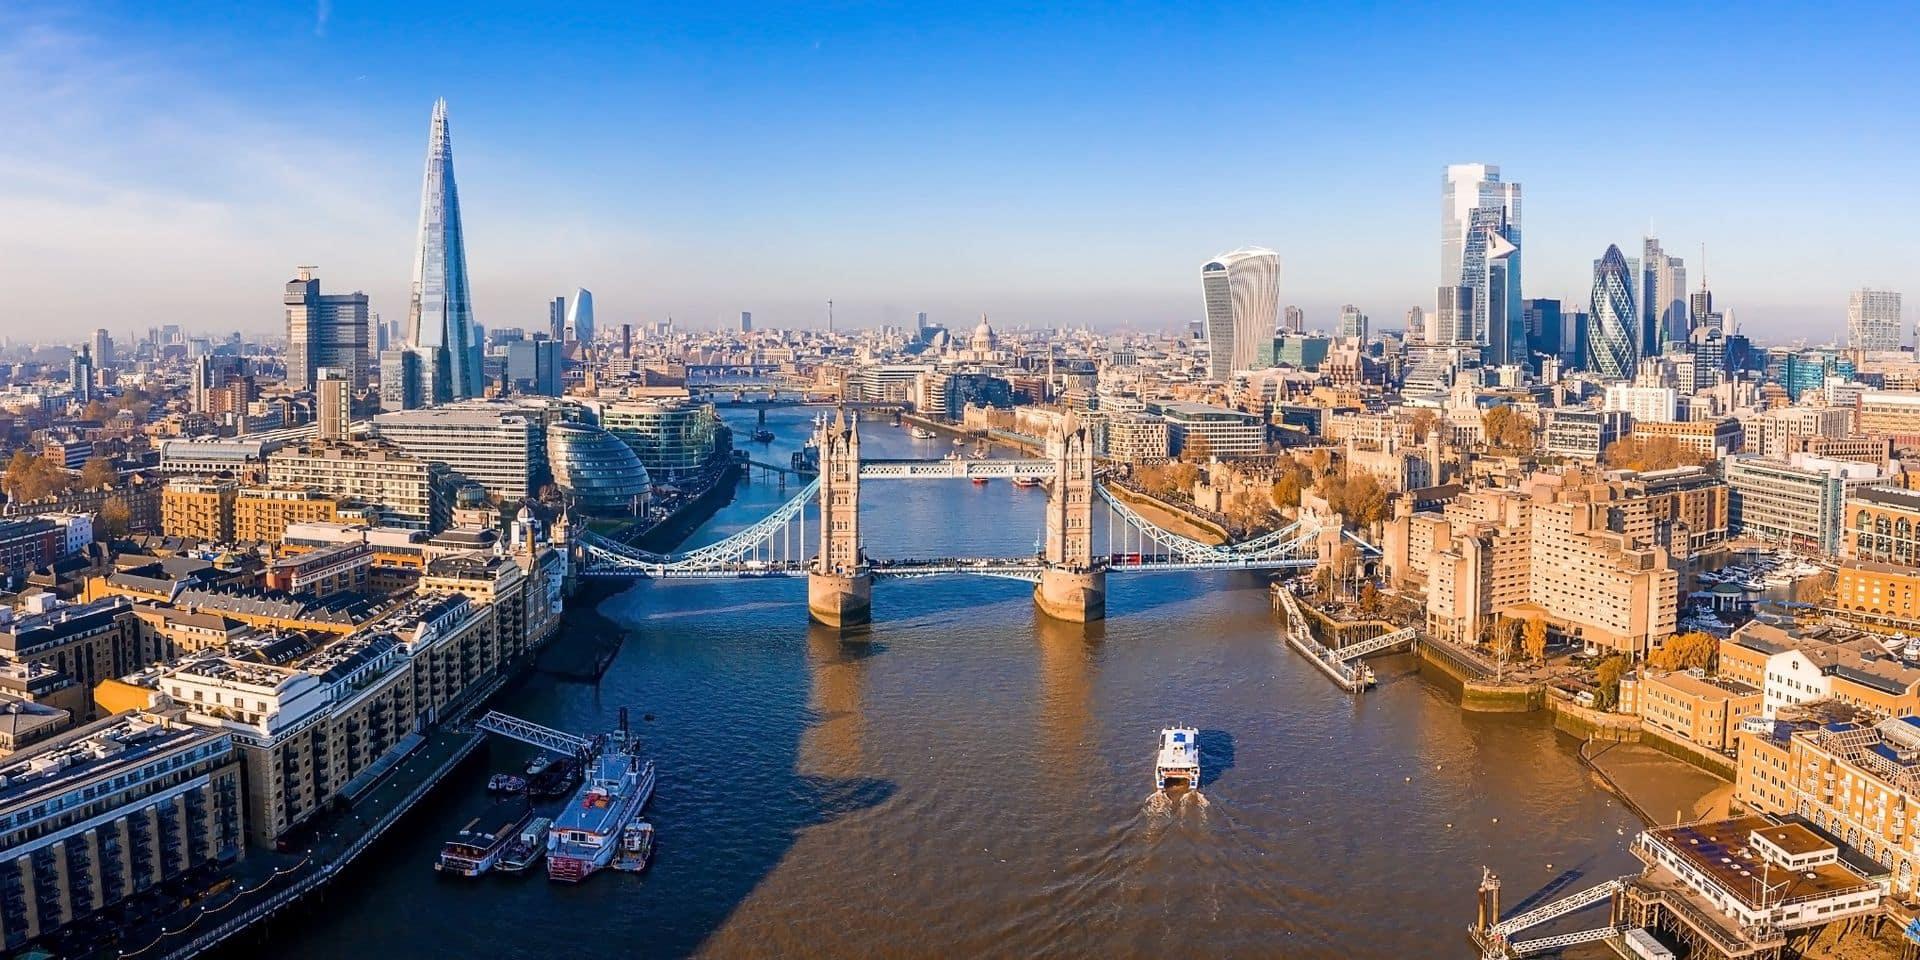 Londres annule son feu d'artifice du Nouvel An pour la deuxième année consécutive à cause du coronavirus